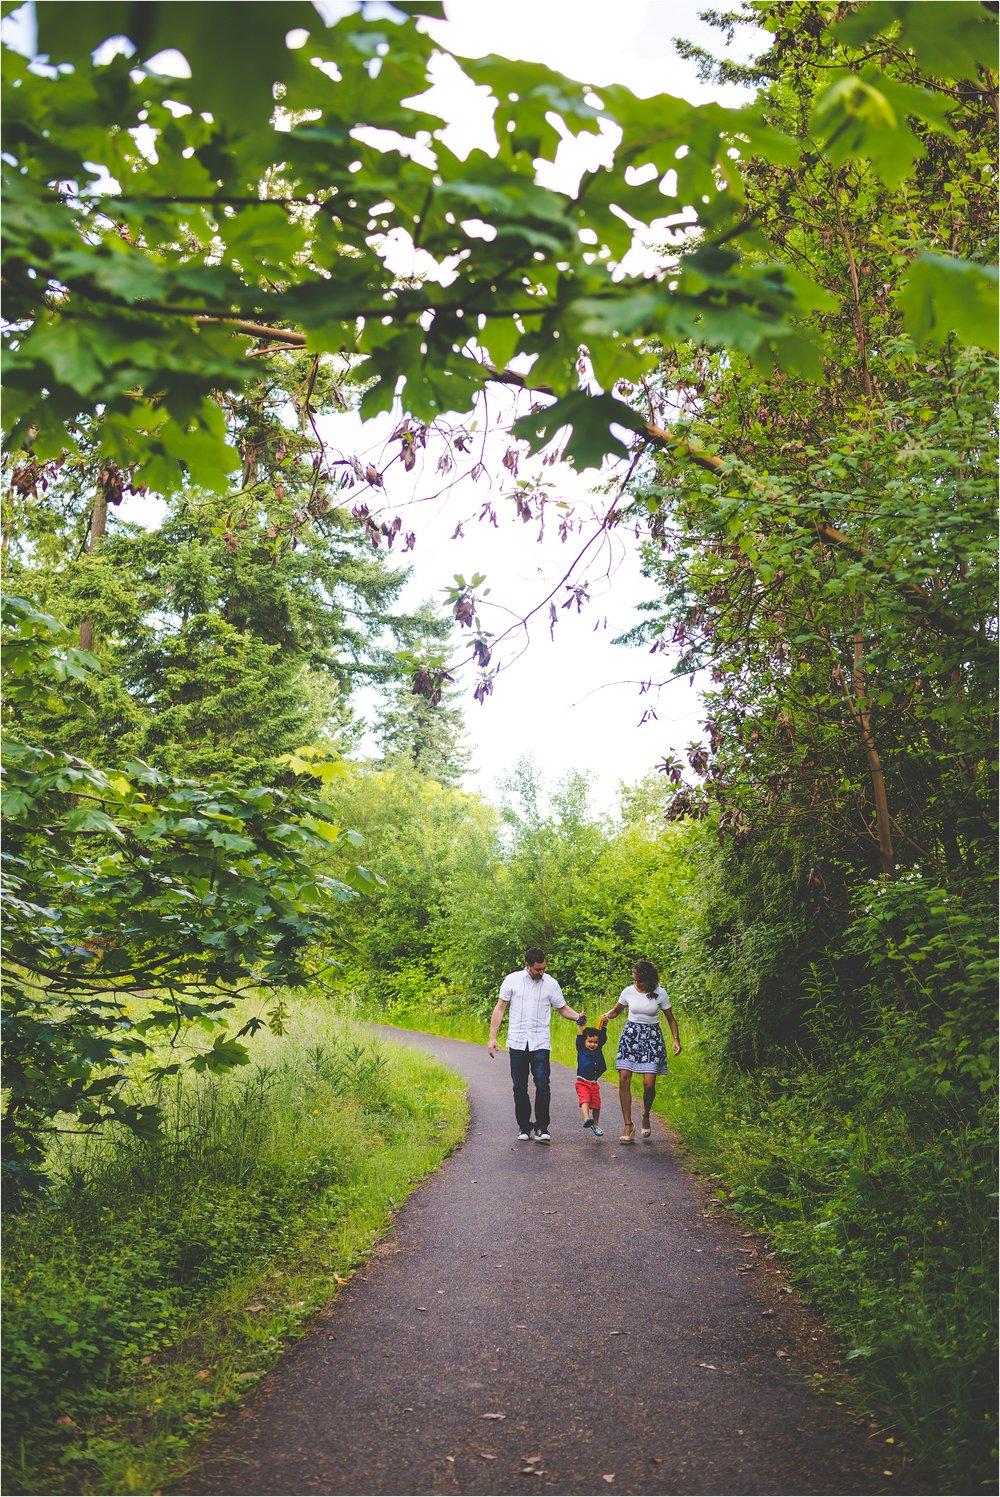 hoyt-arboretum-family-session-jannicka-mayte-portland-oregon-family-photographer_0015.jpg